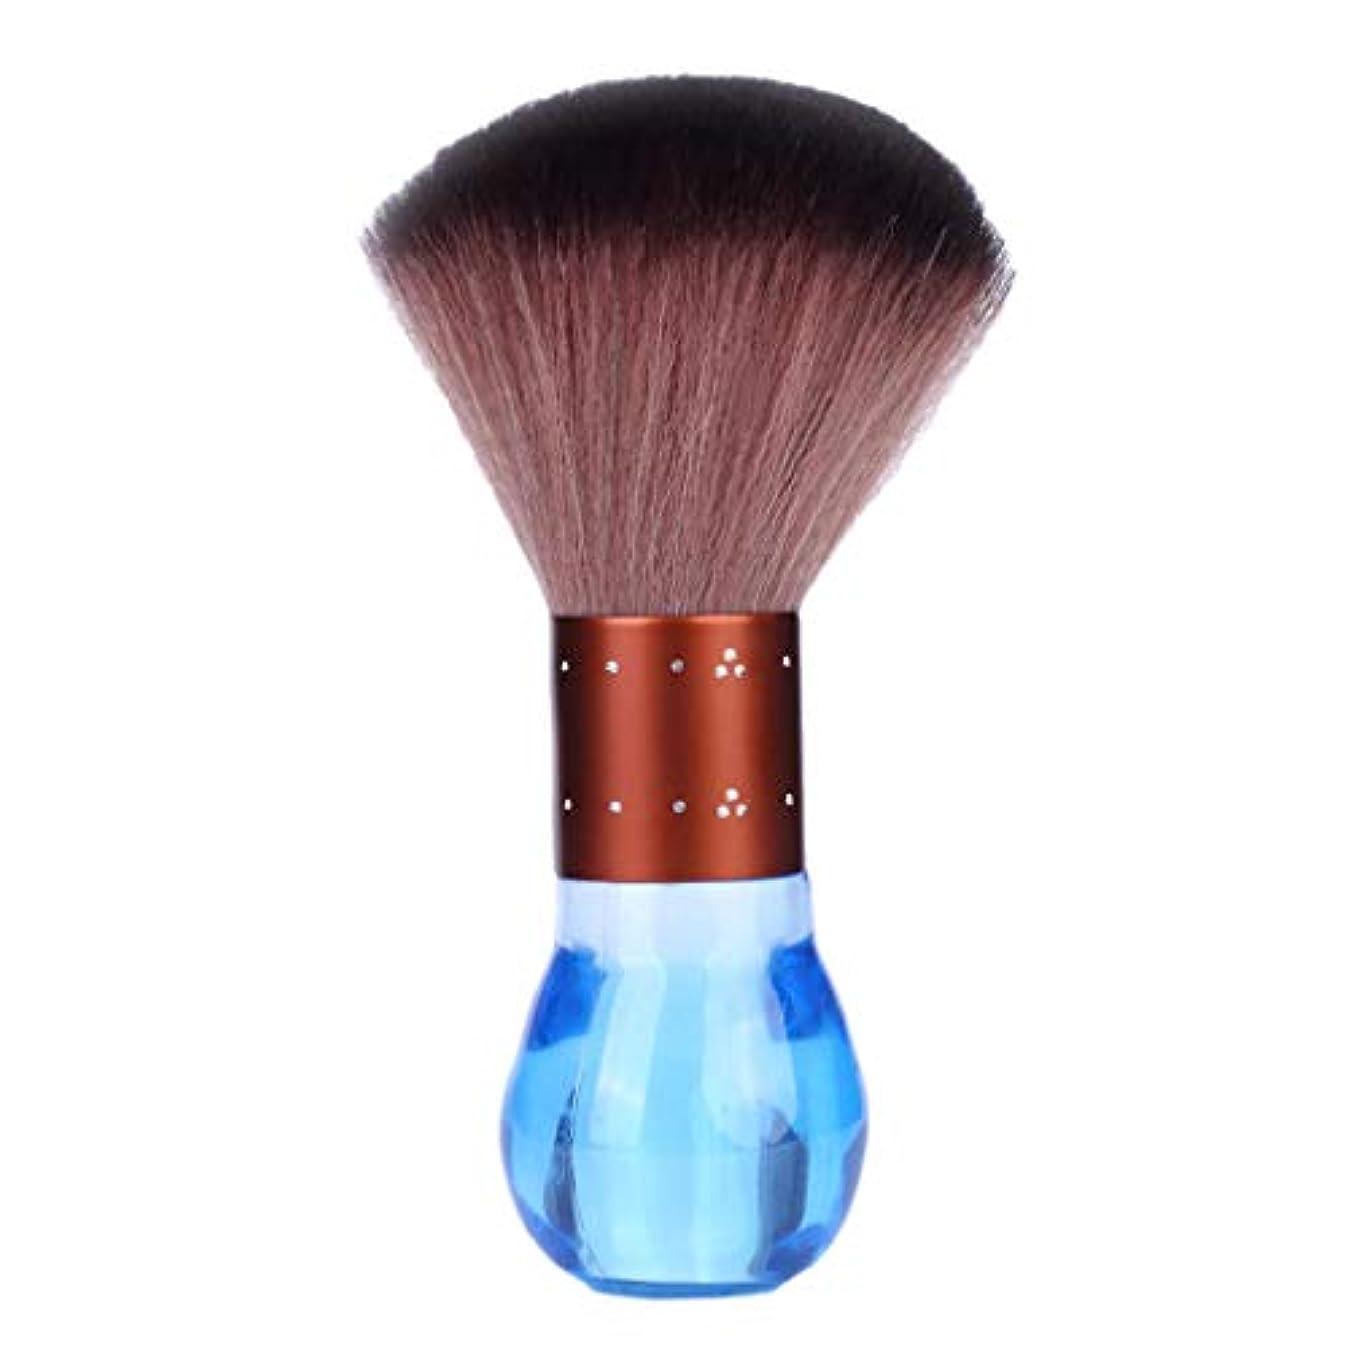 礼儀郵便屋さんレイプロサロン散髪美容ソフトブラシ首ダスト除去クリーニングブラシ